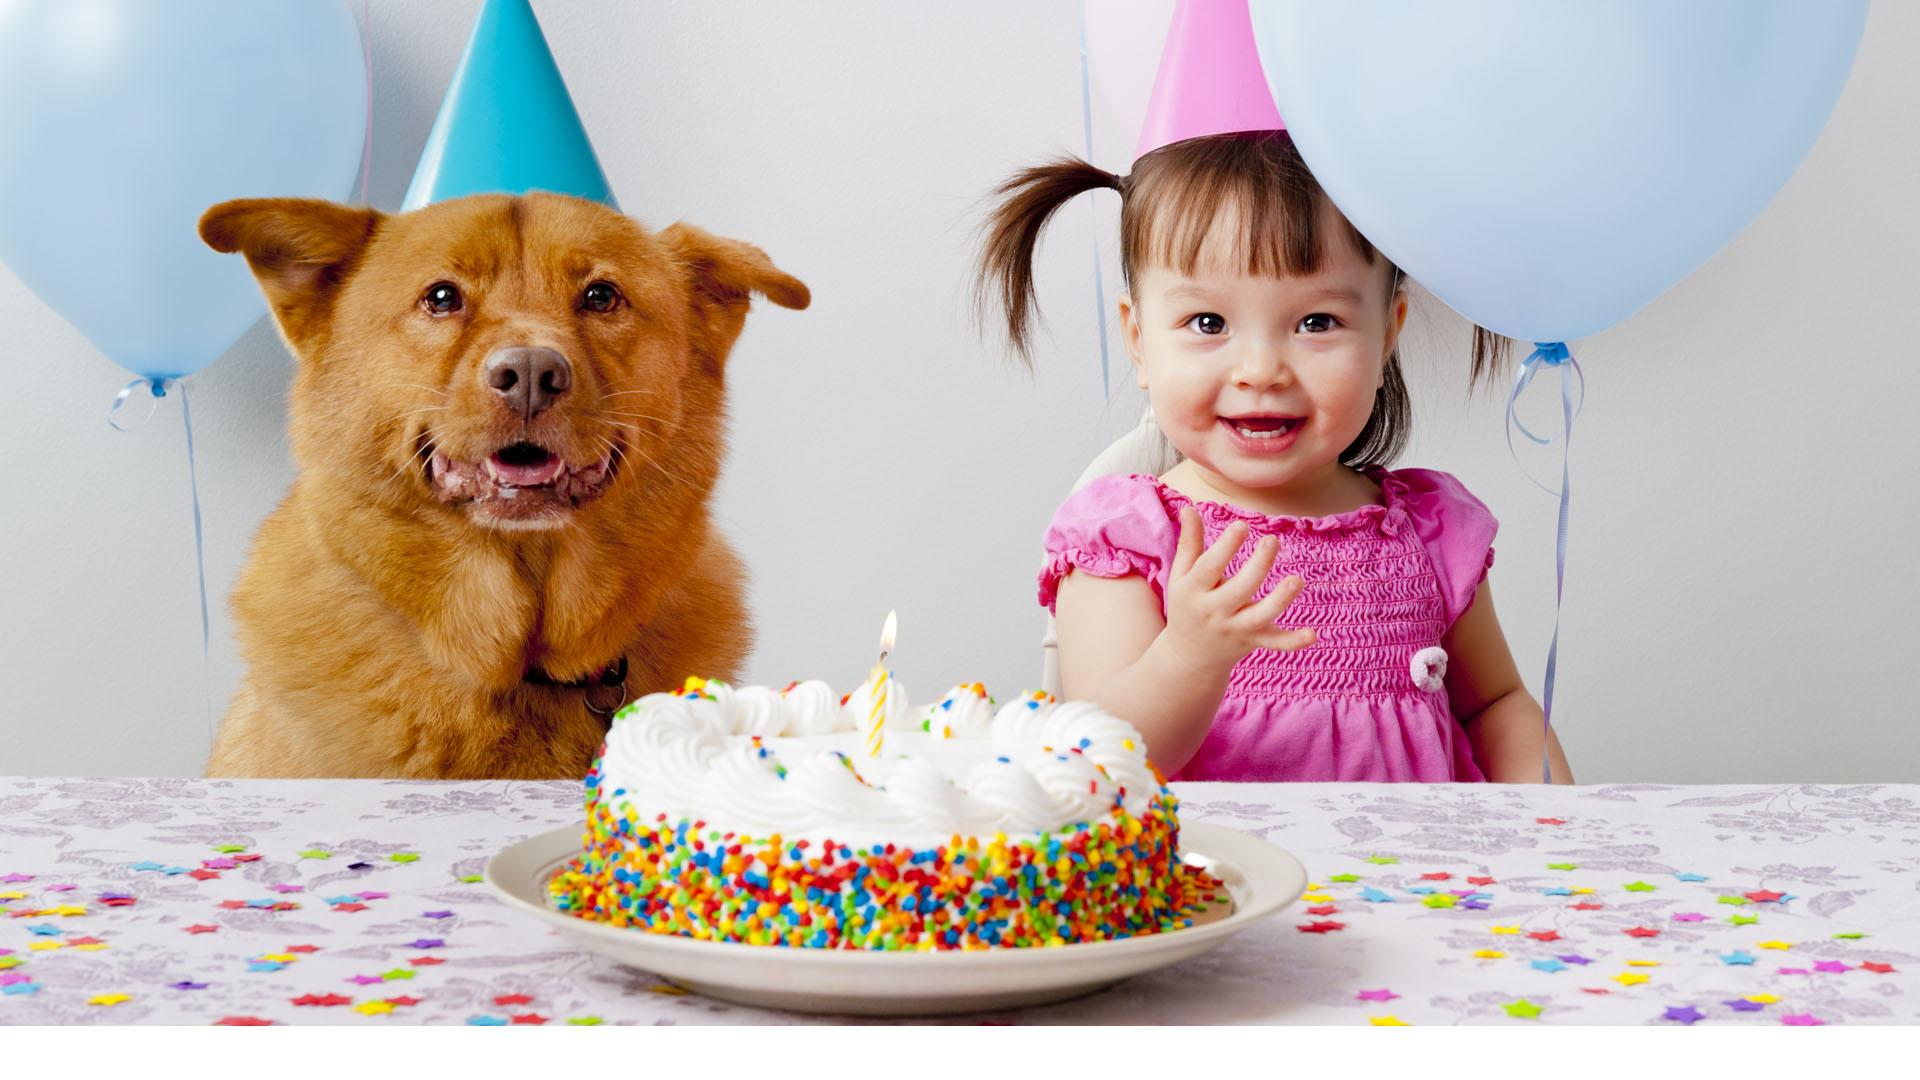 La tendencia de celebrar los cumpleaños o nacimientos de perros y gatos crece cada día más